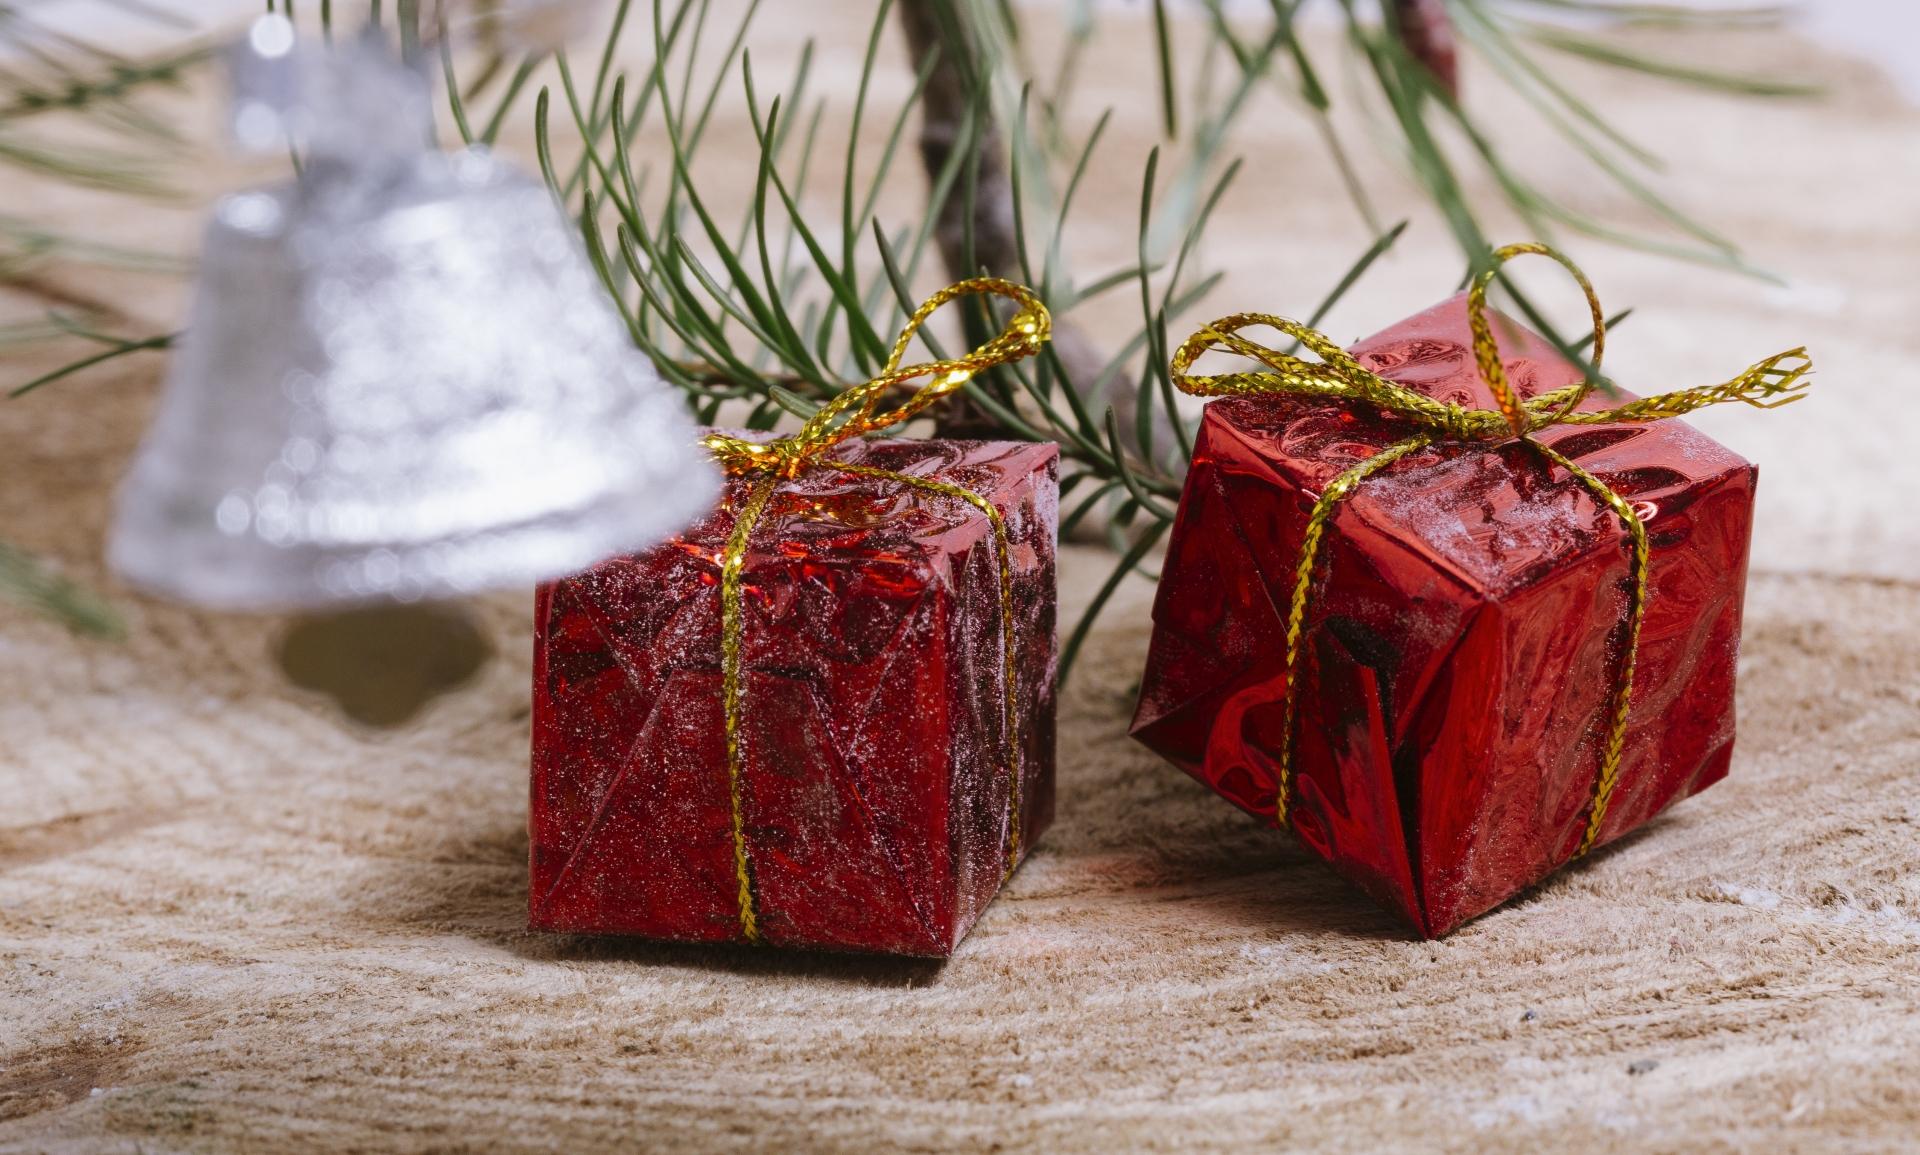 1000円前後のクリスマスプレゼント交換おすすめ24選